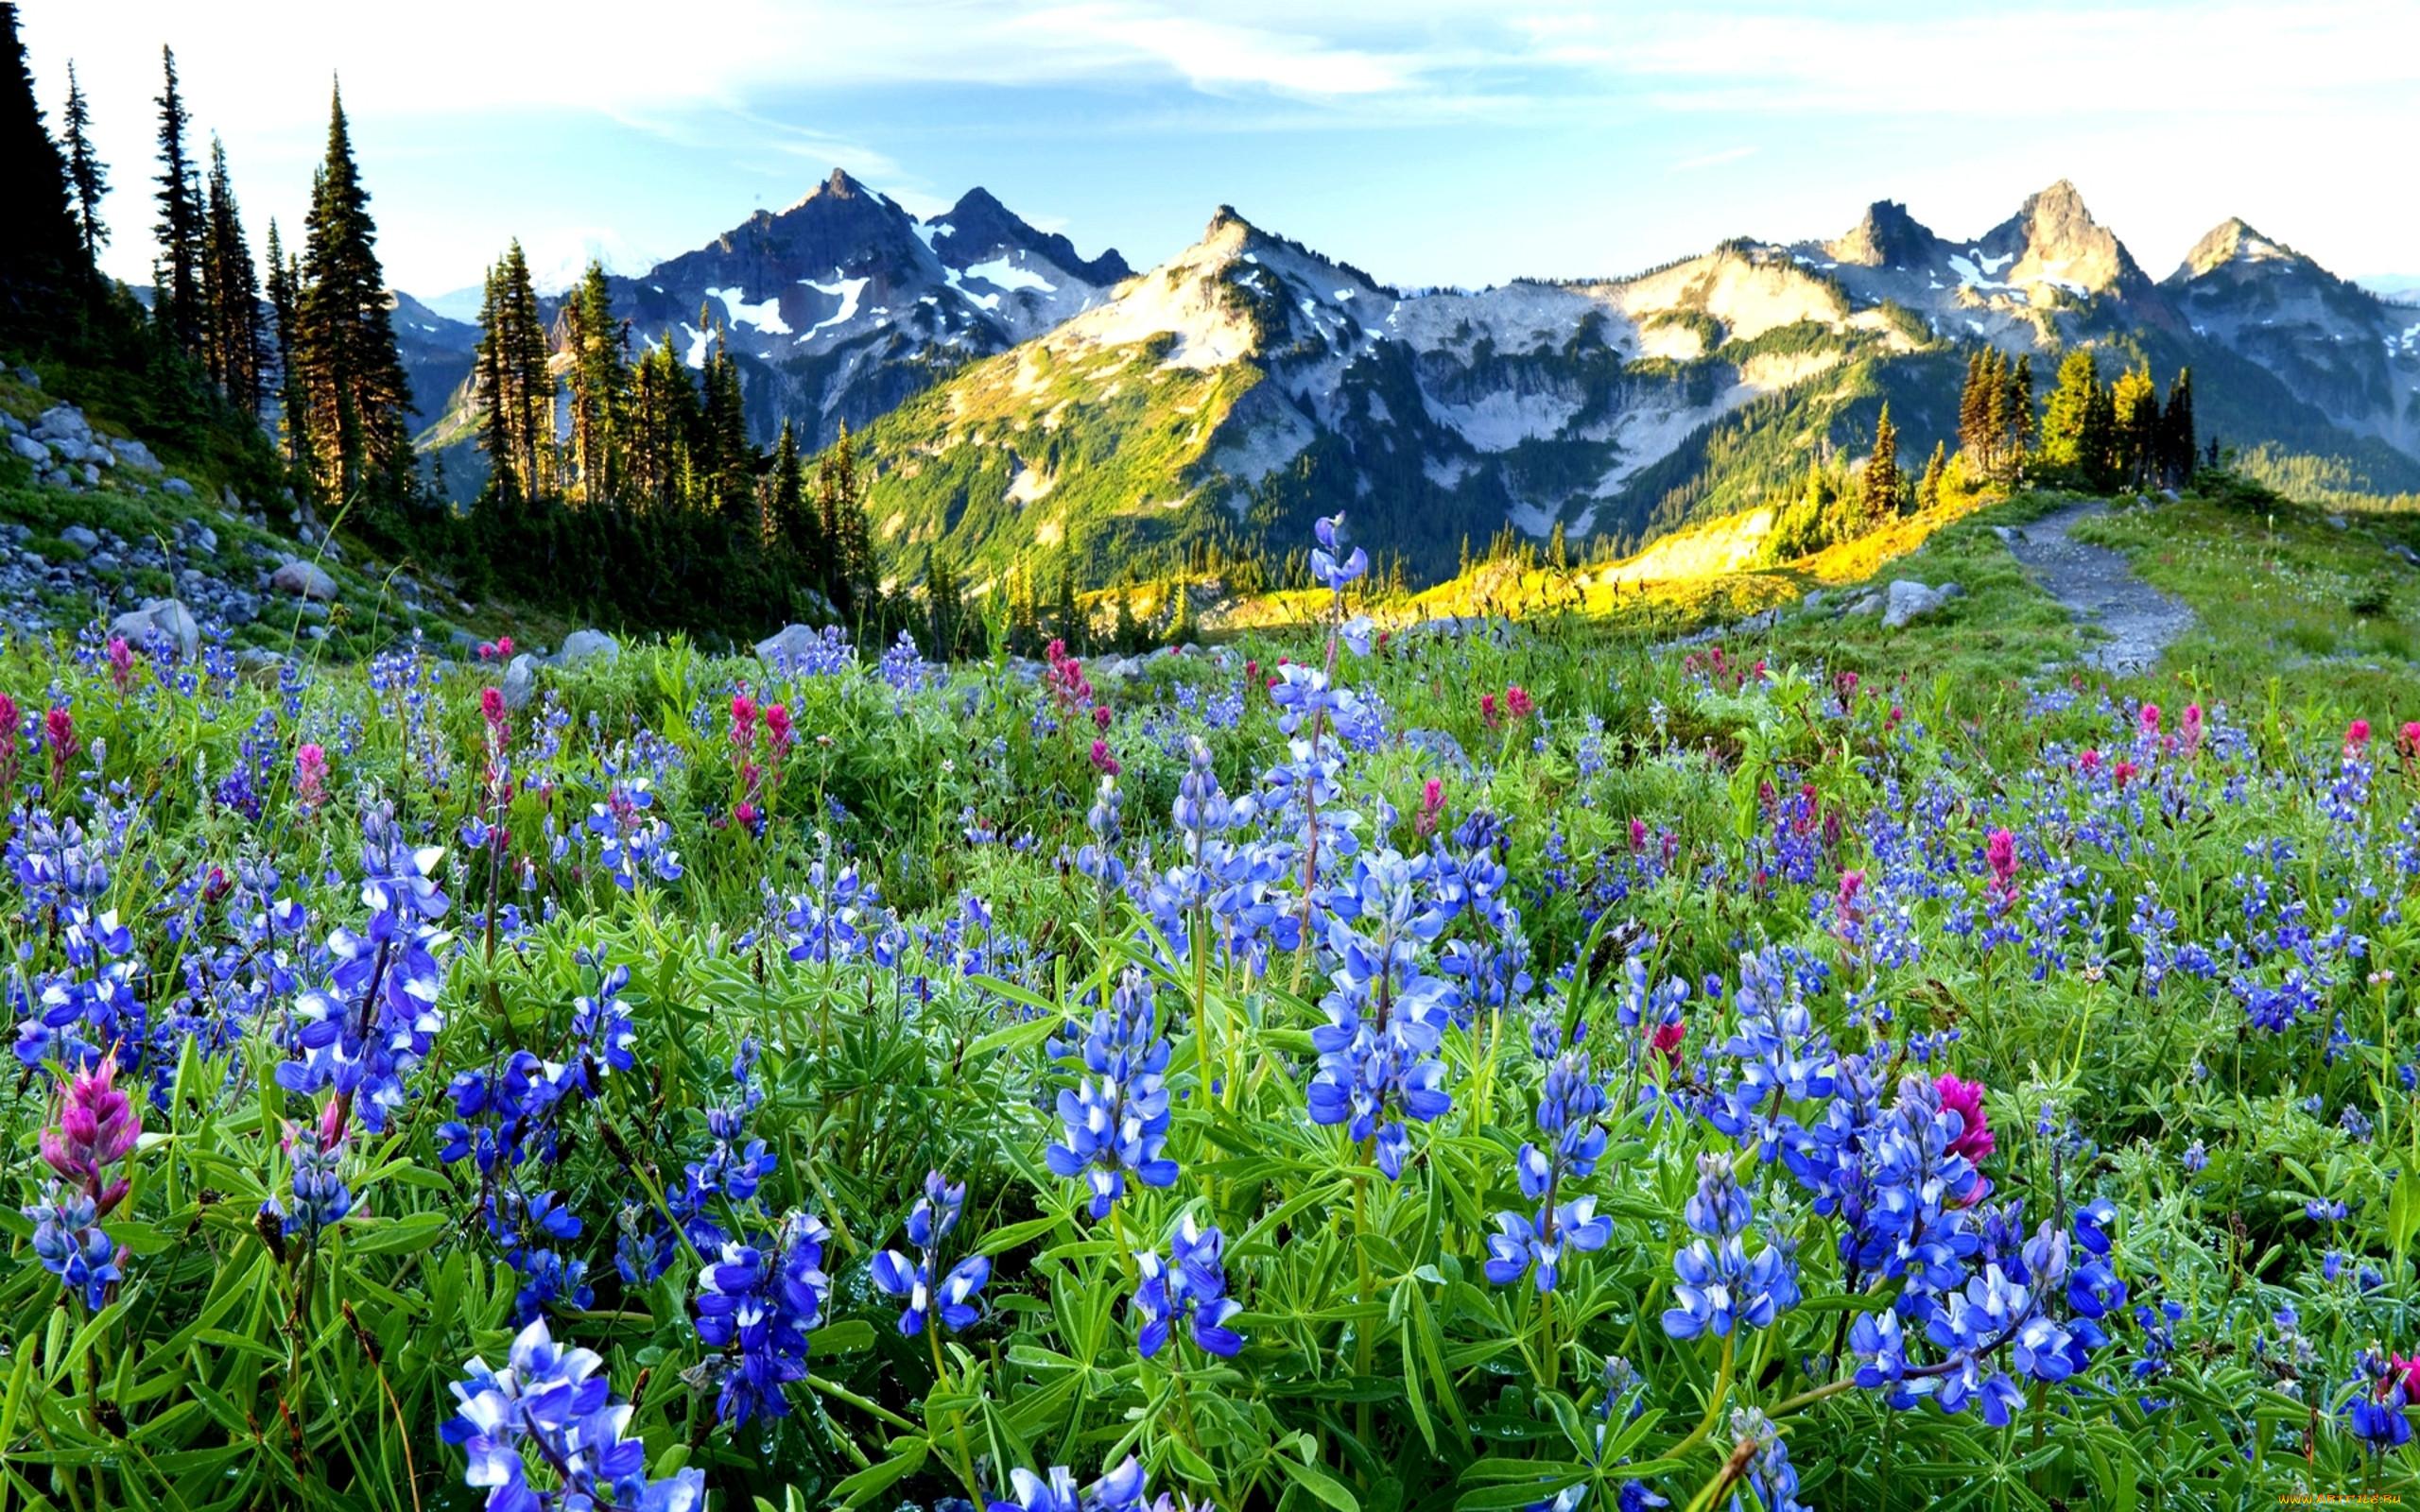 александрович фото весенних горных пейзажей обращаться